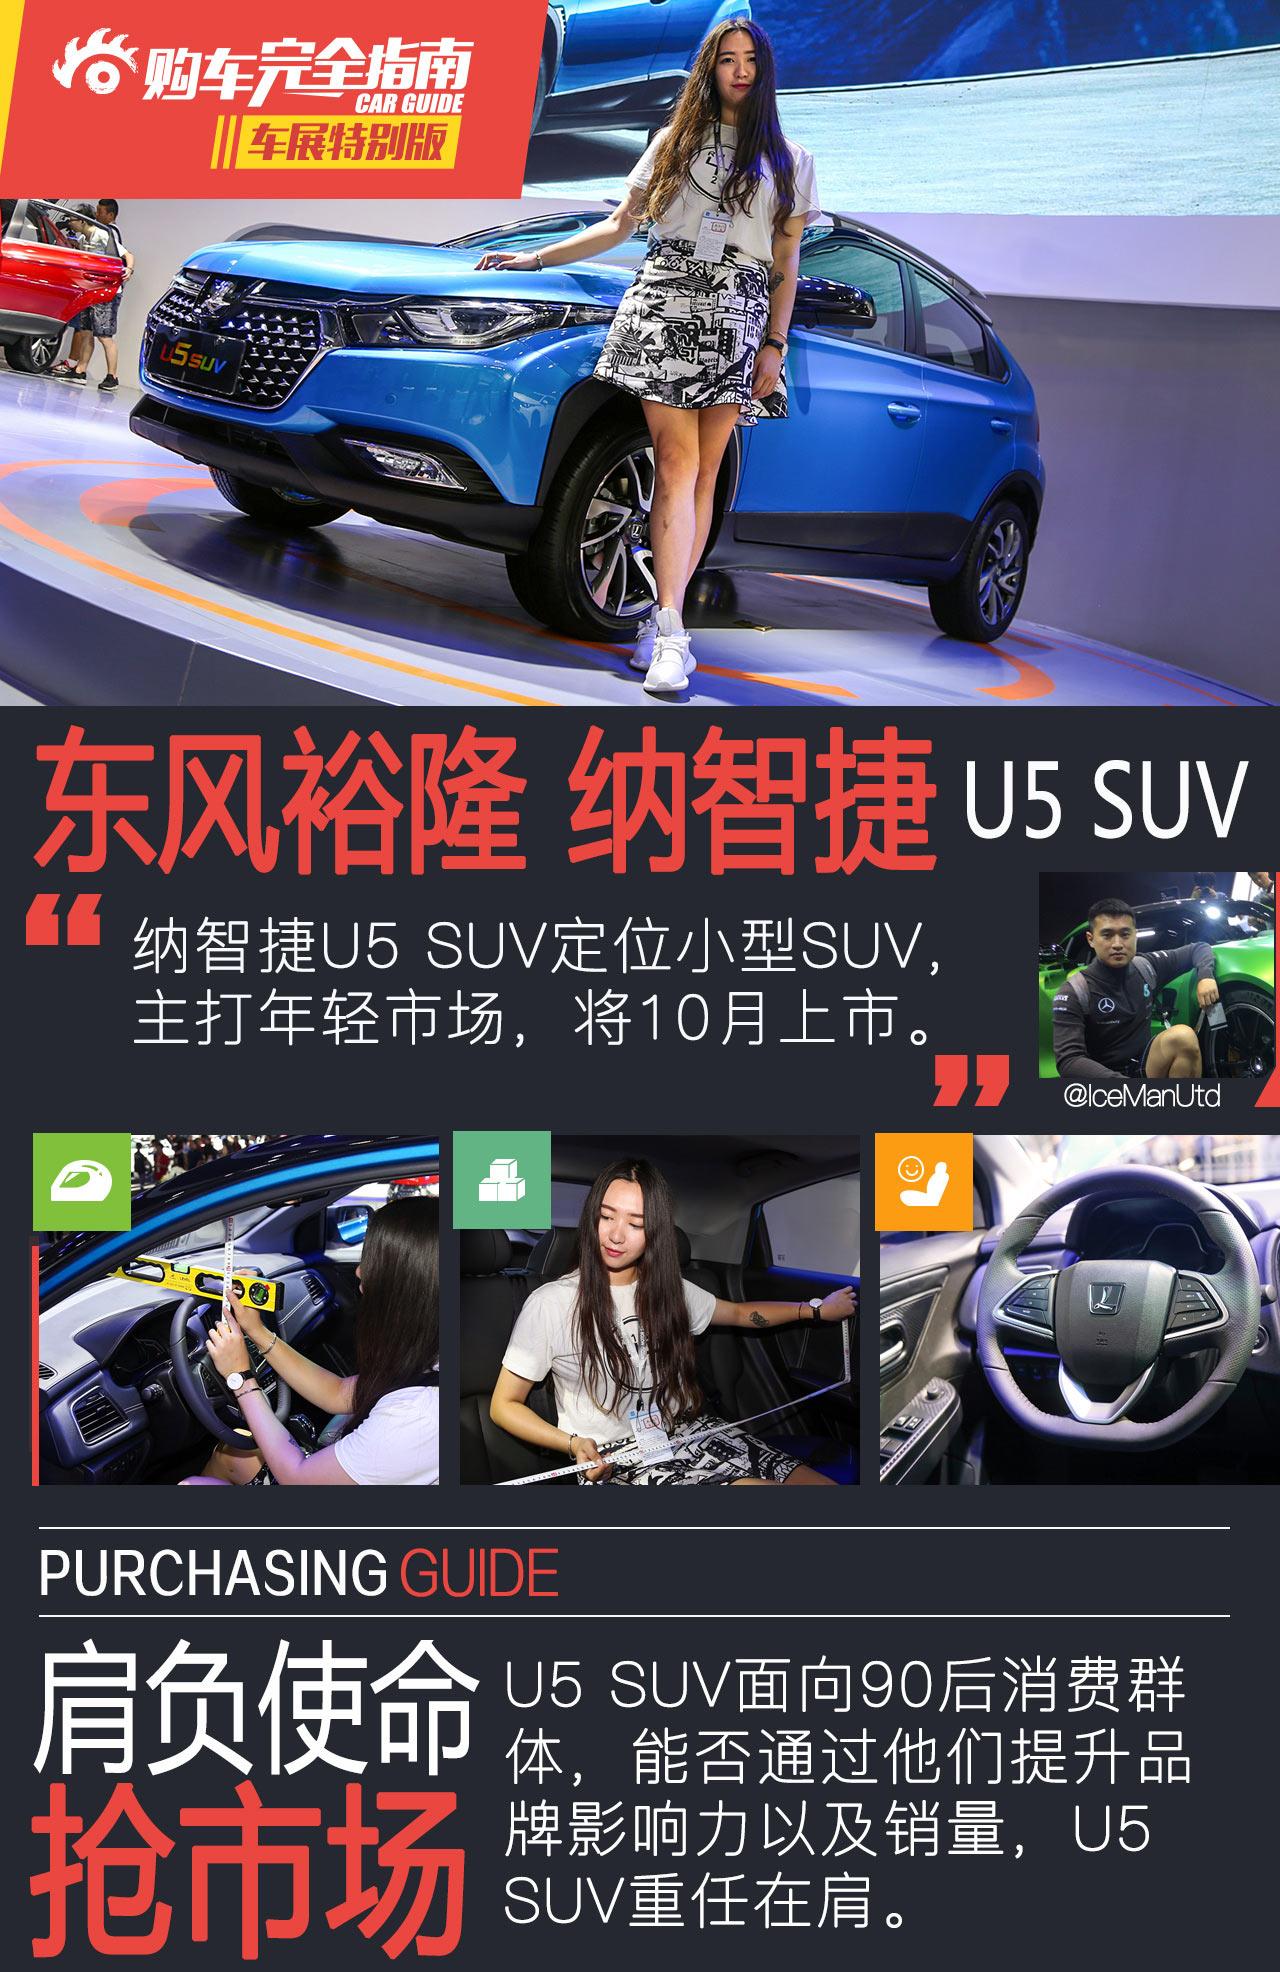 U5 SUV指南